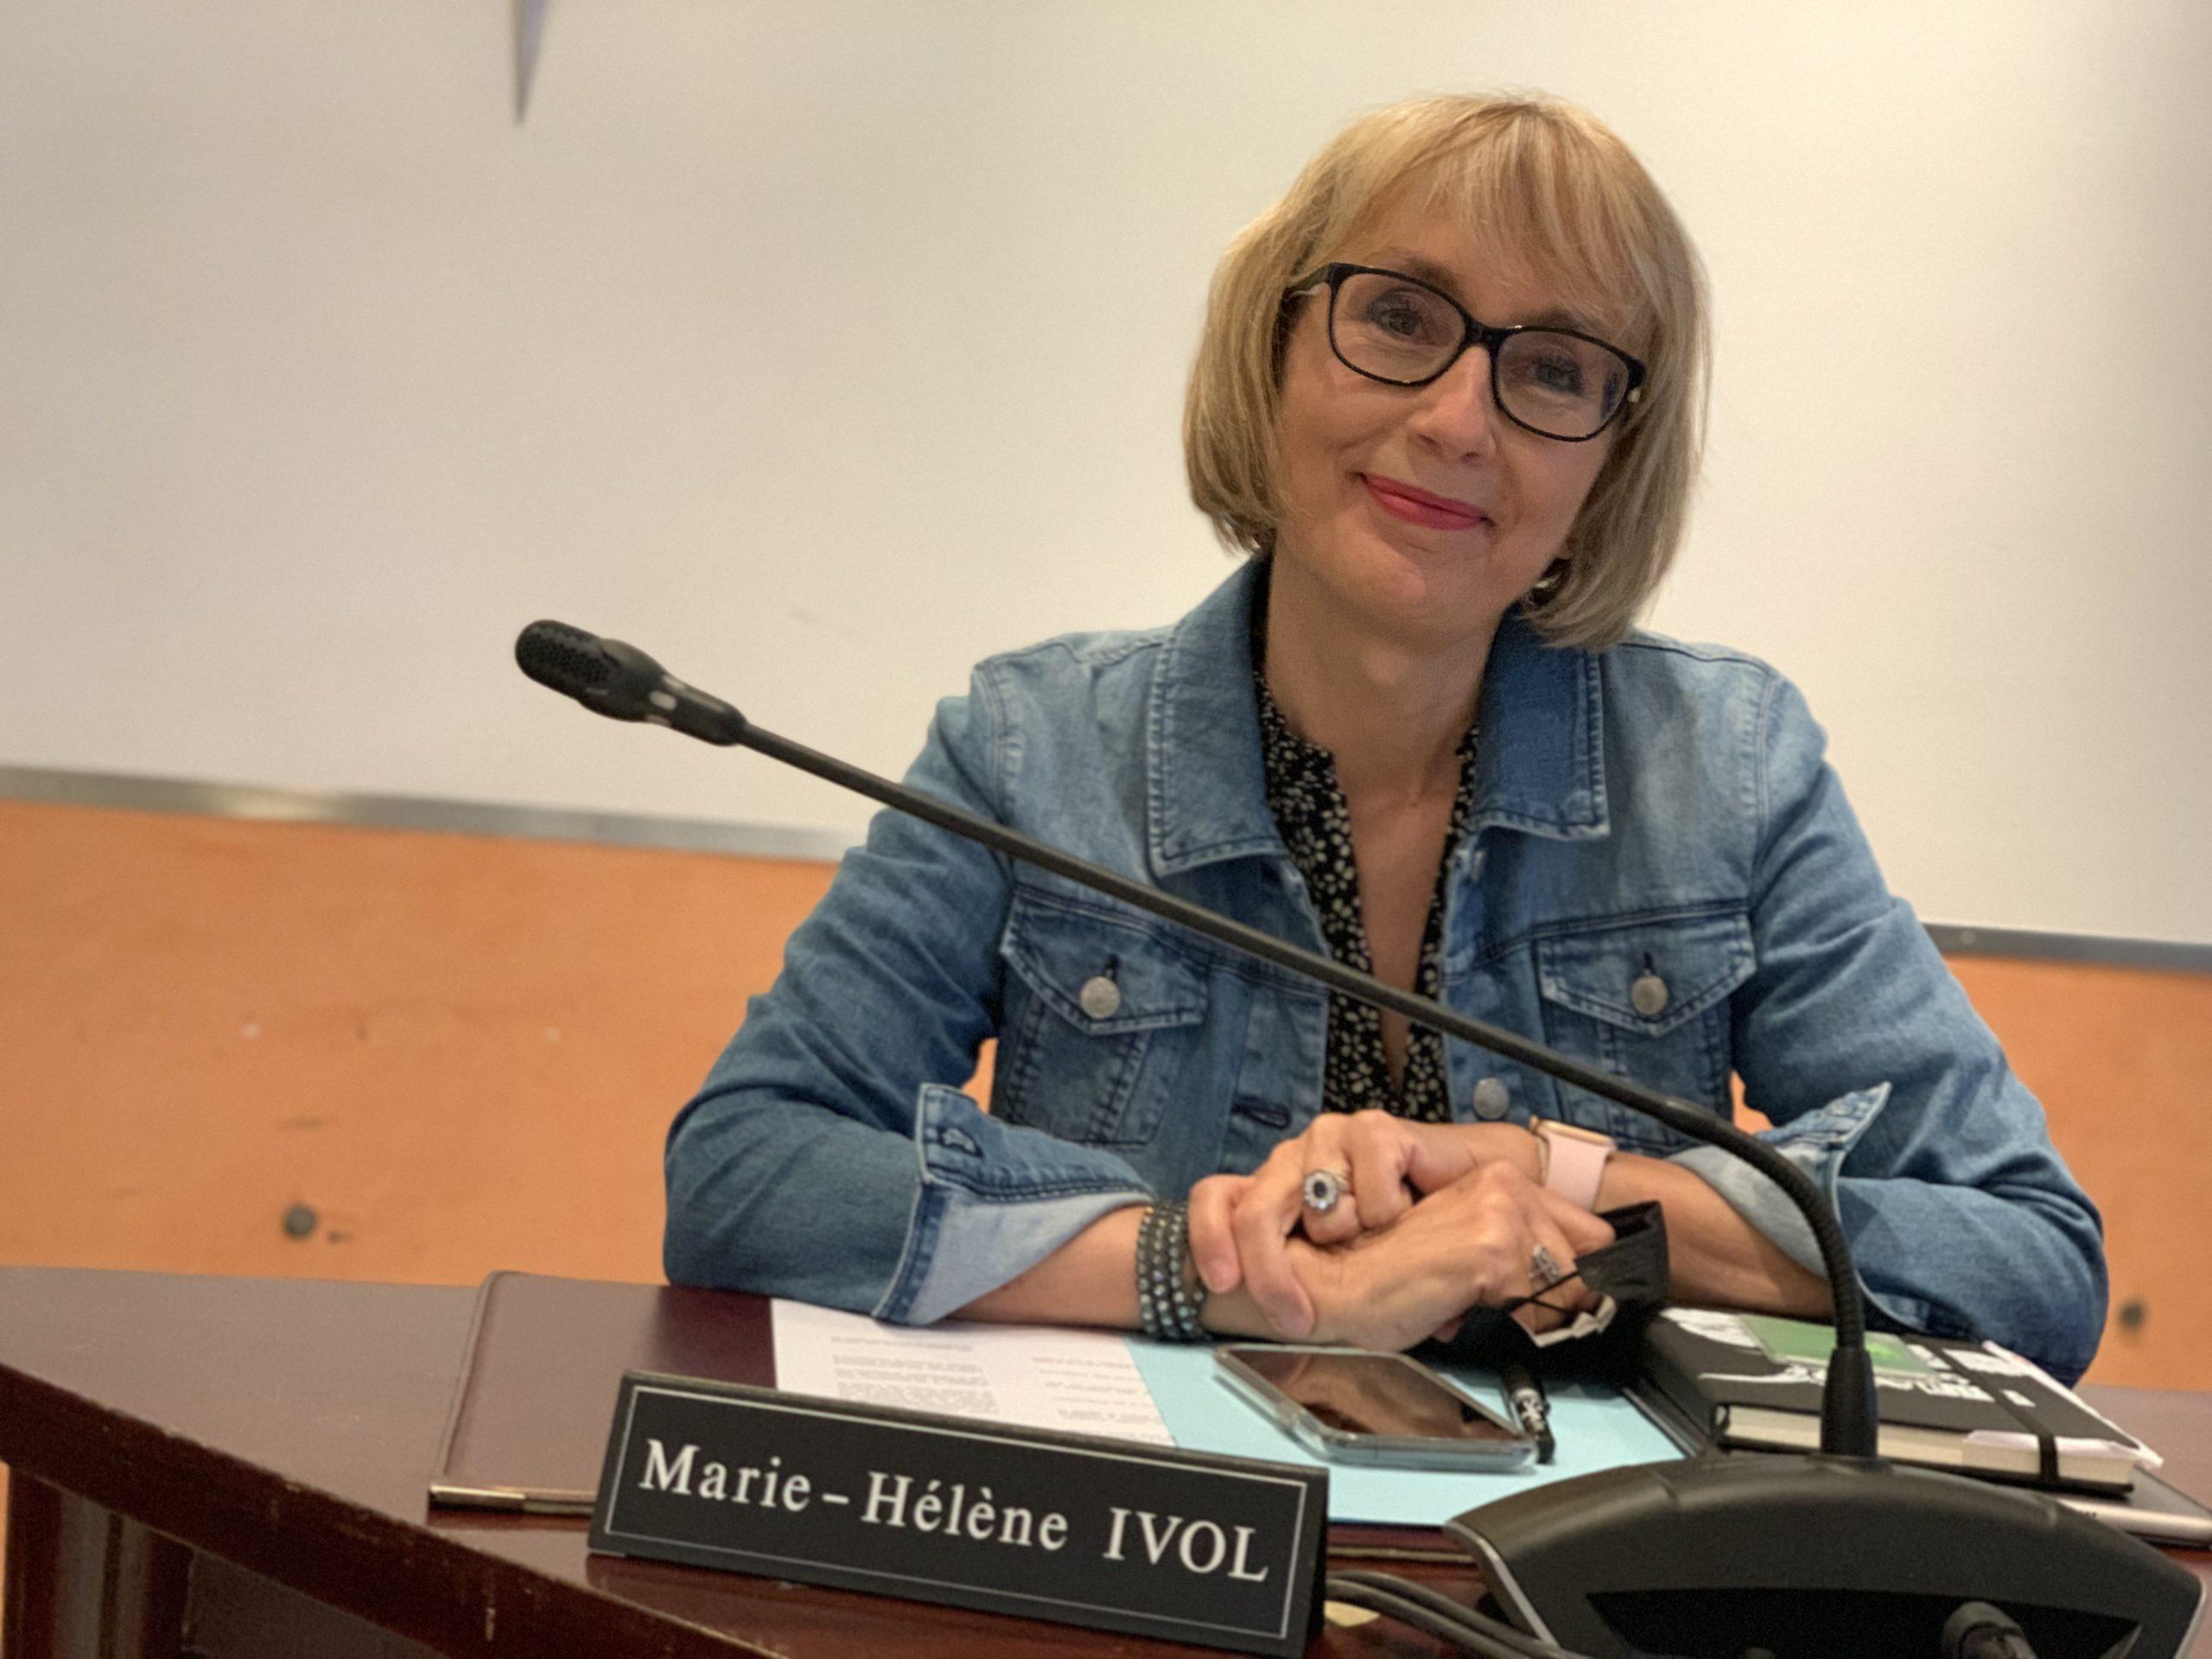 Marie-Hélène Ivol (TQ)